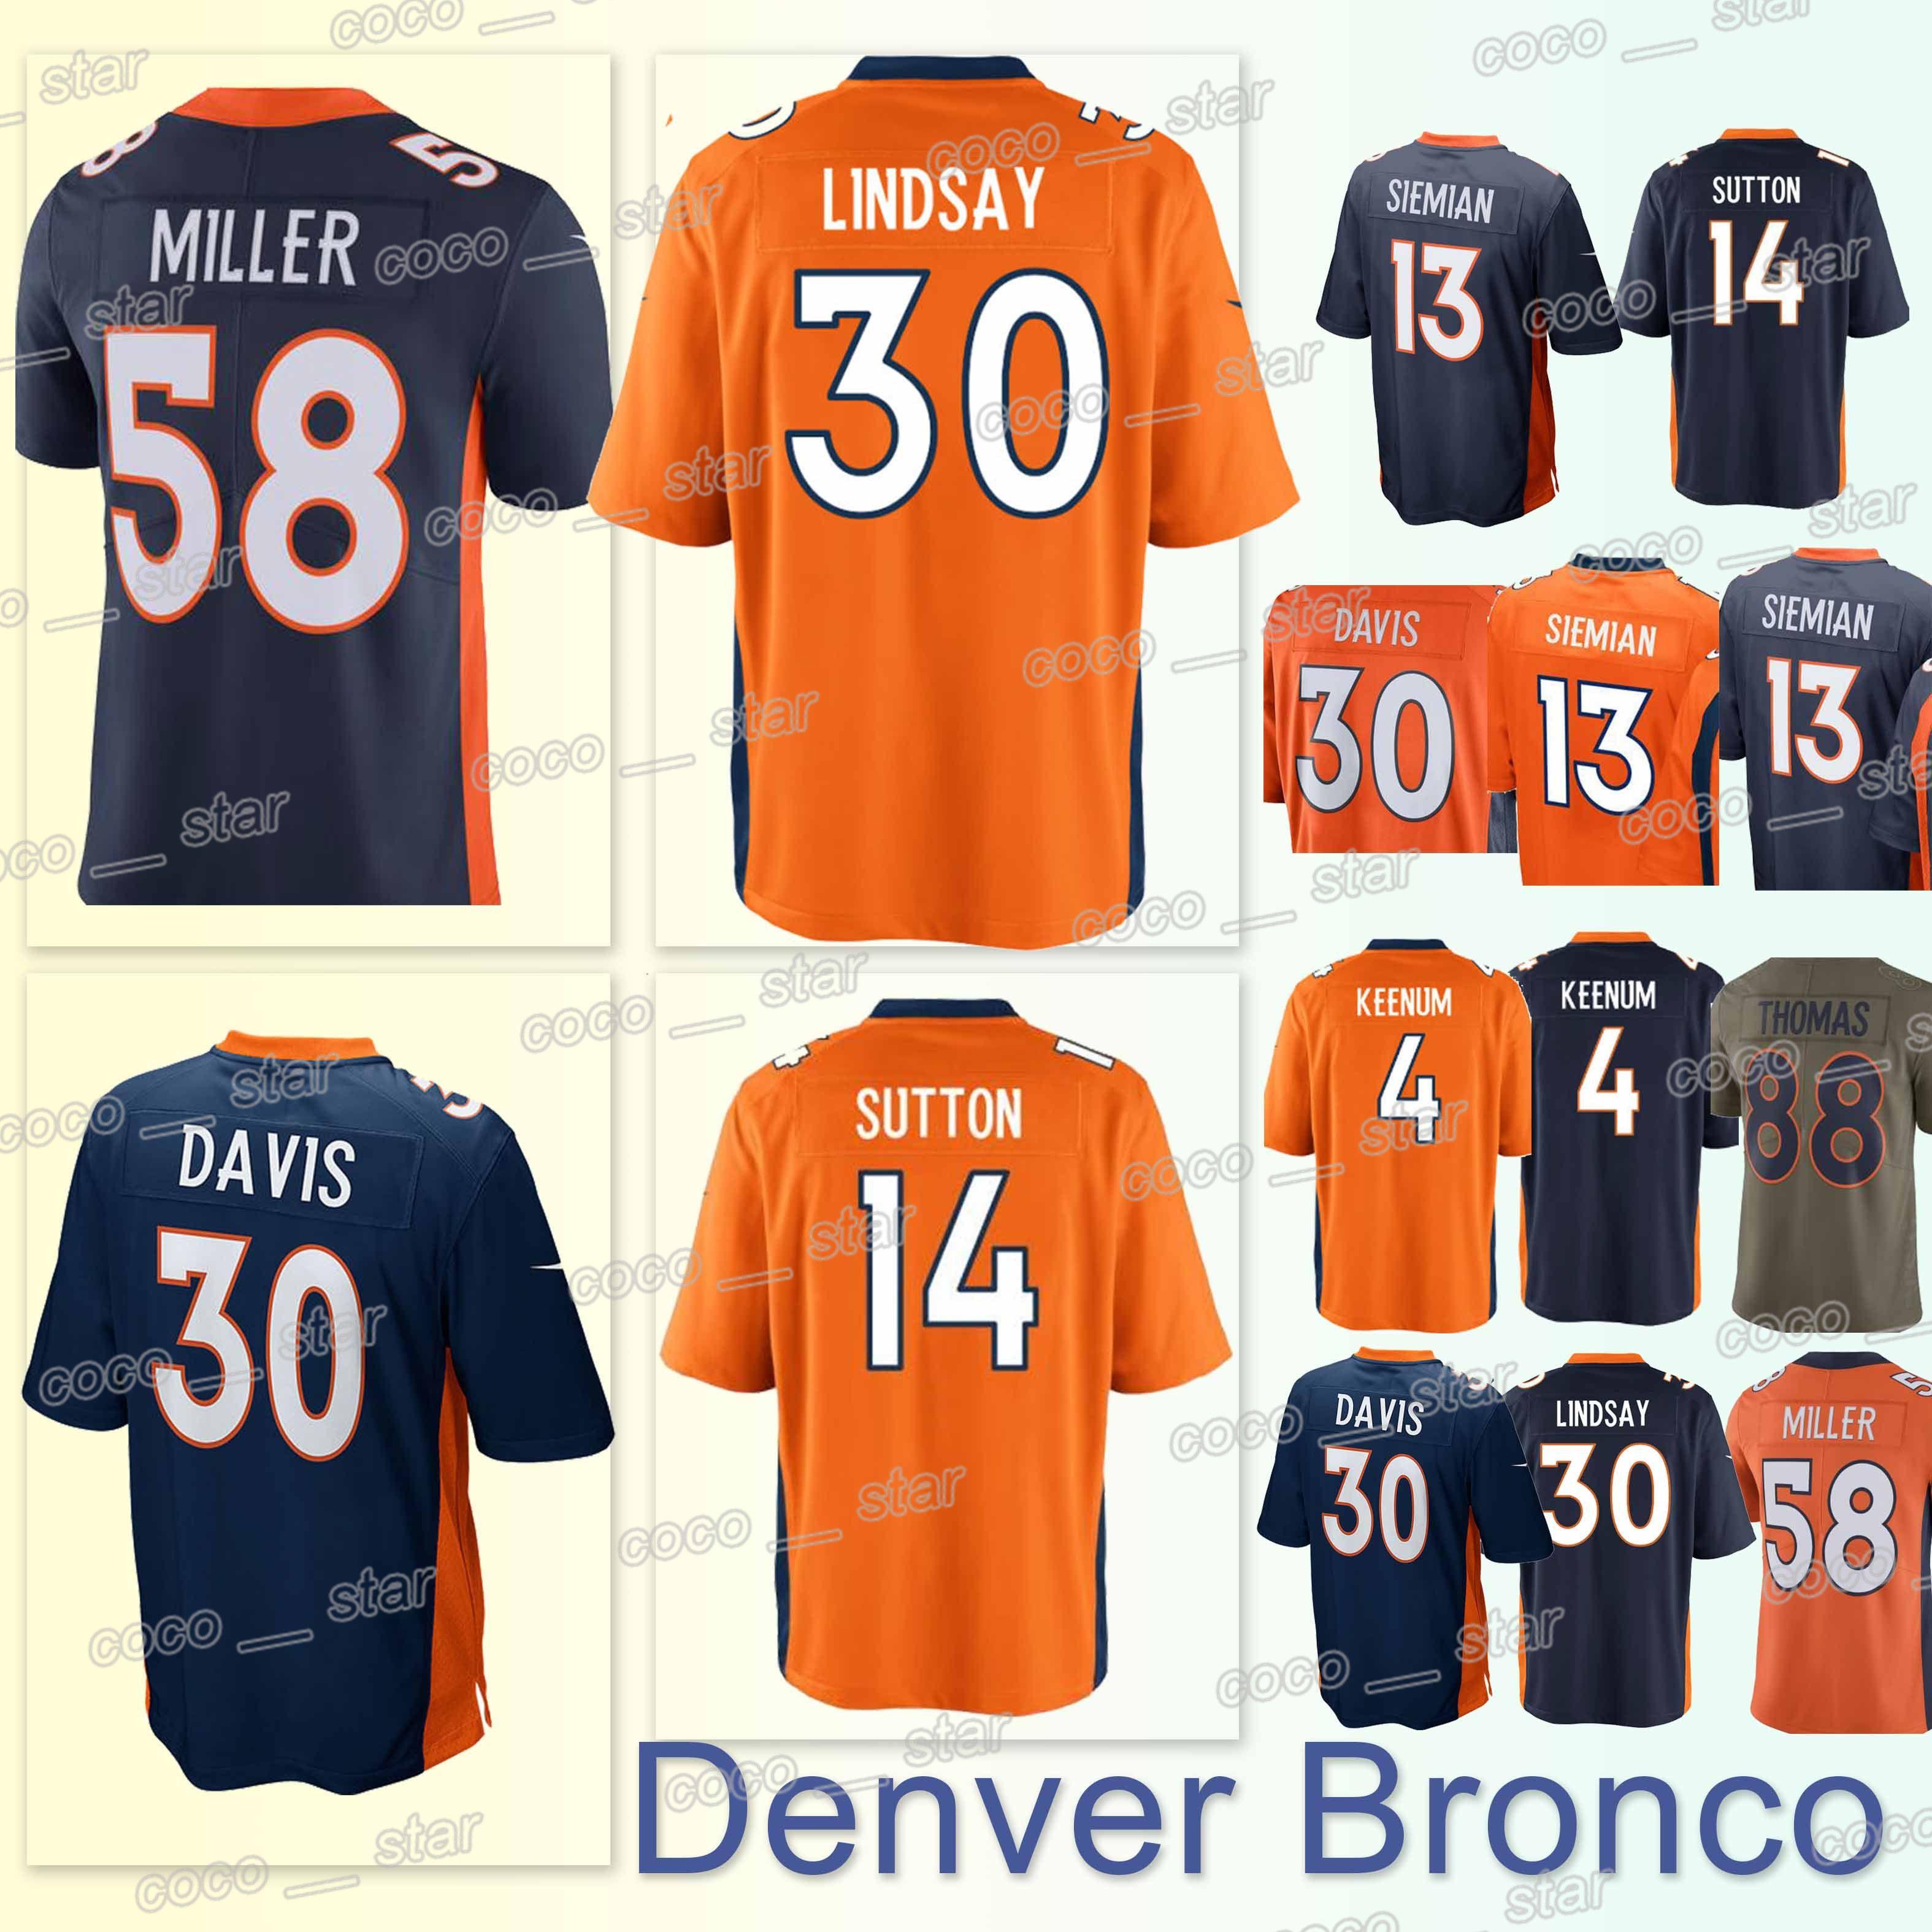 7a53278685ae1 Compre Camisetas De Los Denver Bronco 58 Von Miller 30 Terrell Davis 14  Courtland Sutton 4 Case Keenum 13 Camiseta Trevor Siemian A  23.26 Del  Coco star ...